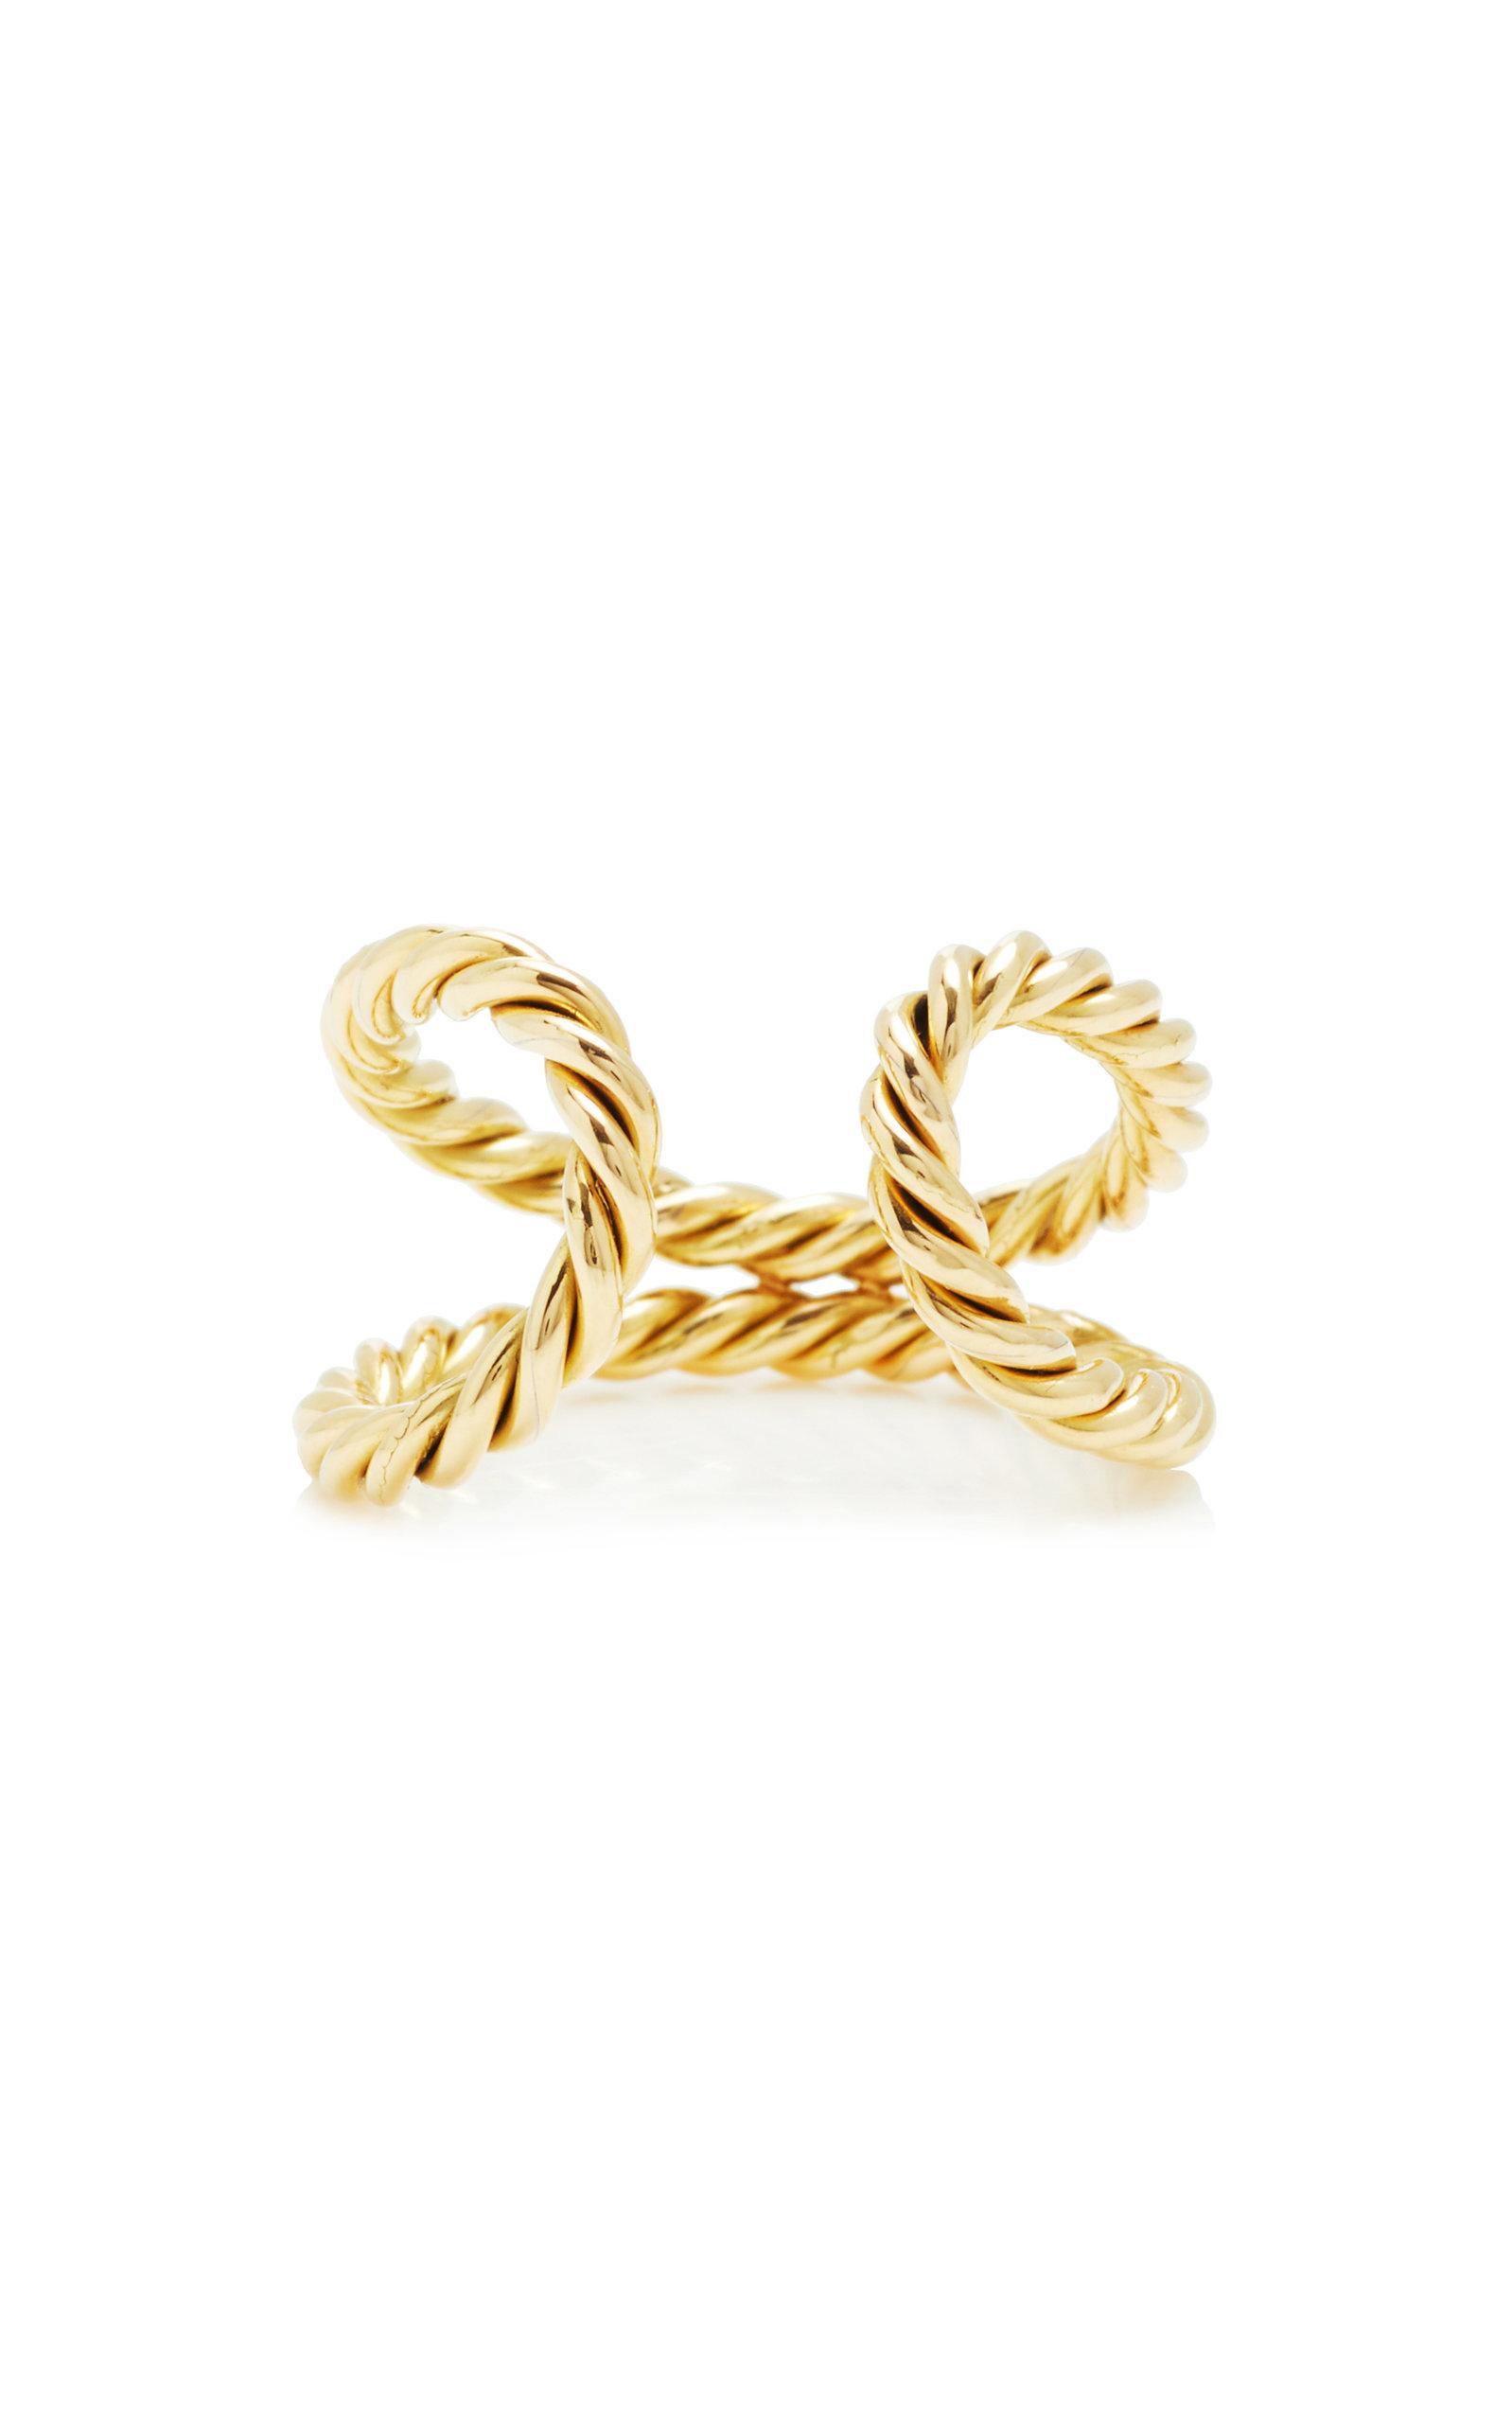 Women's 18K Yellow Gold Rope Ring